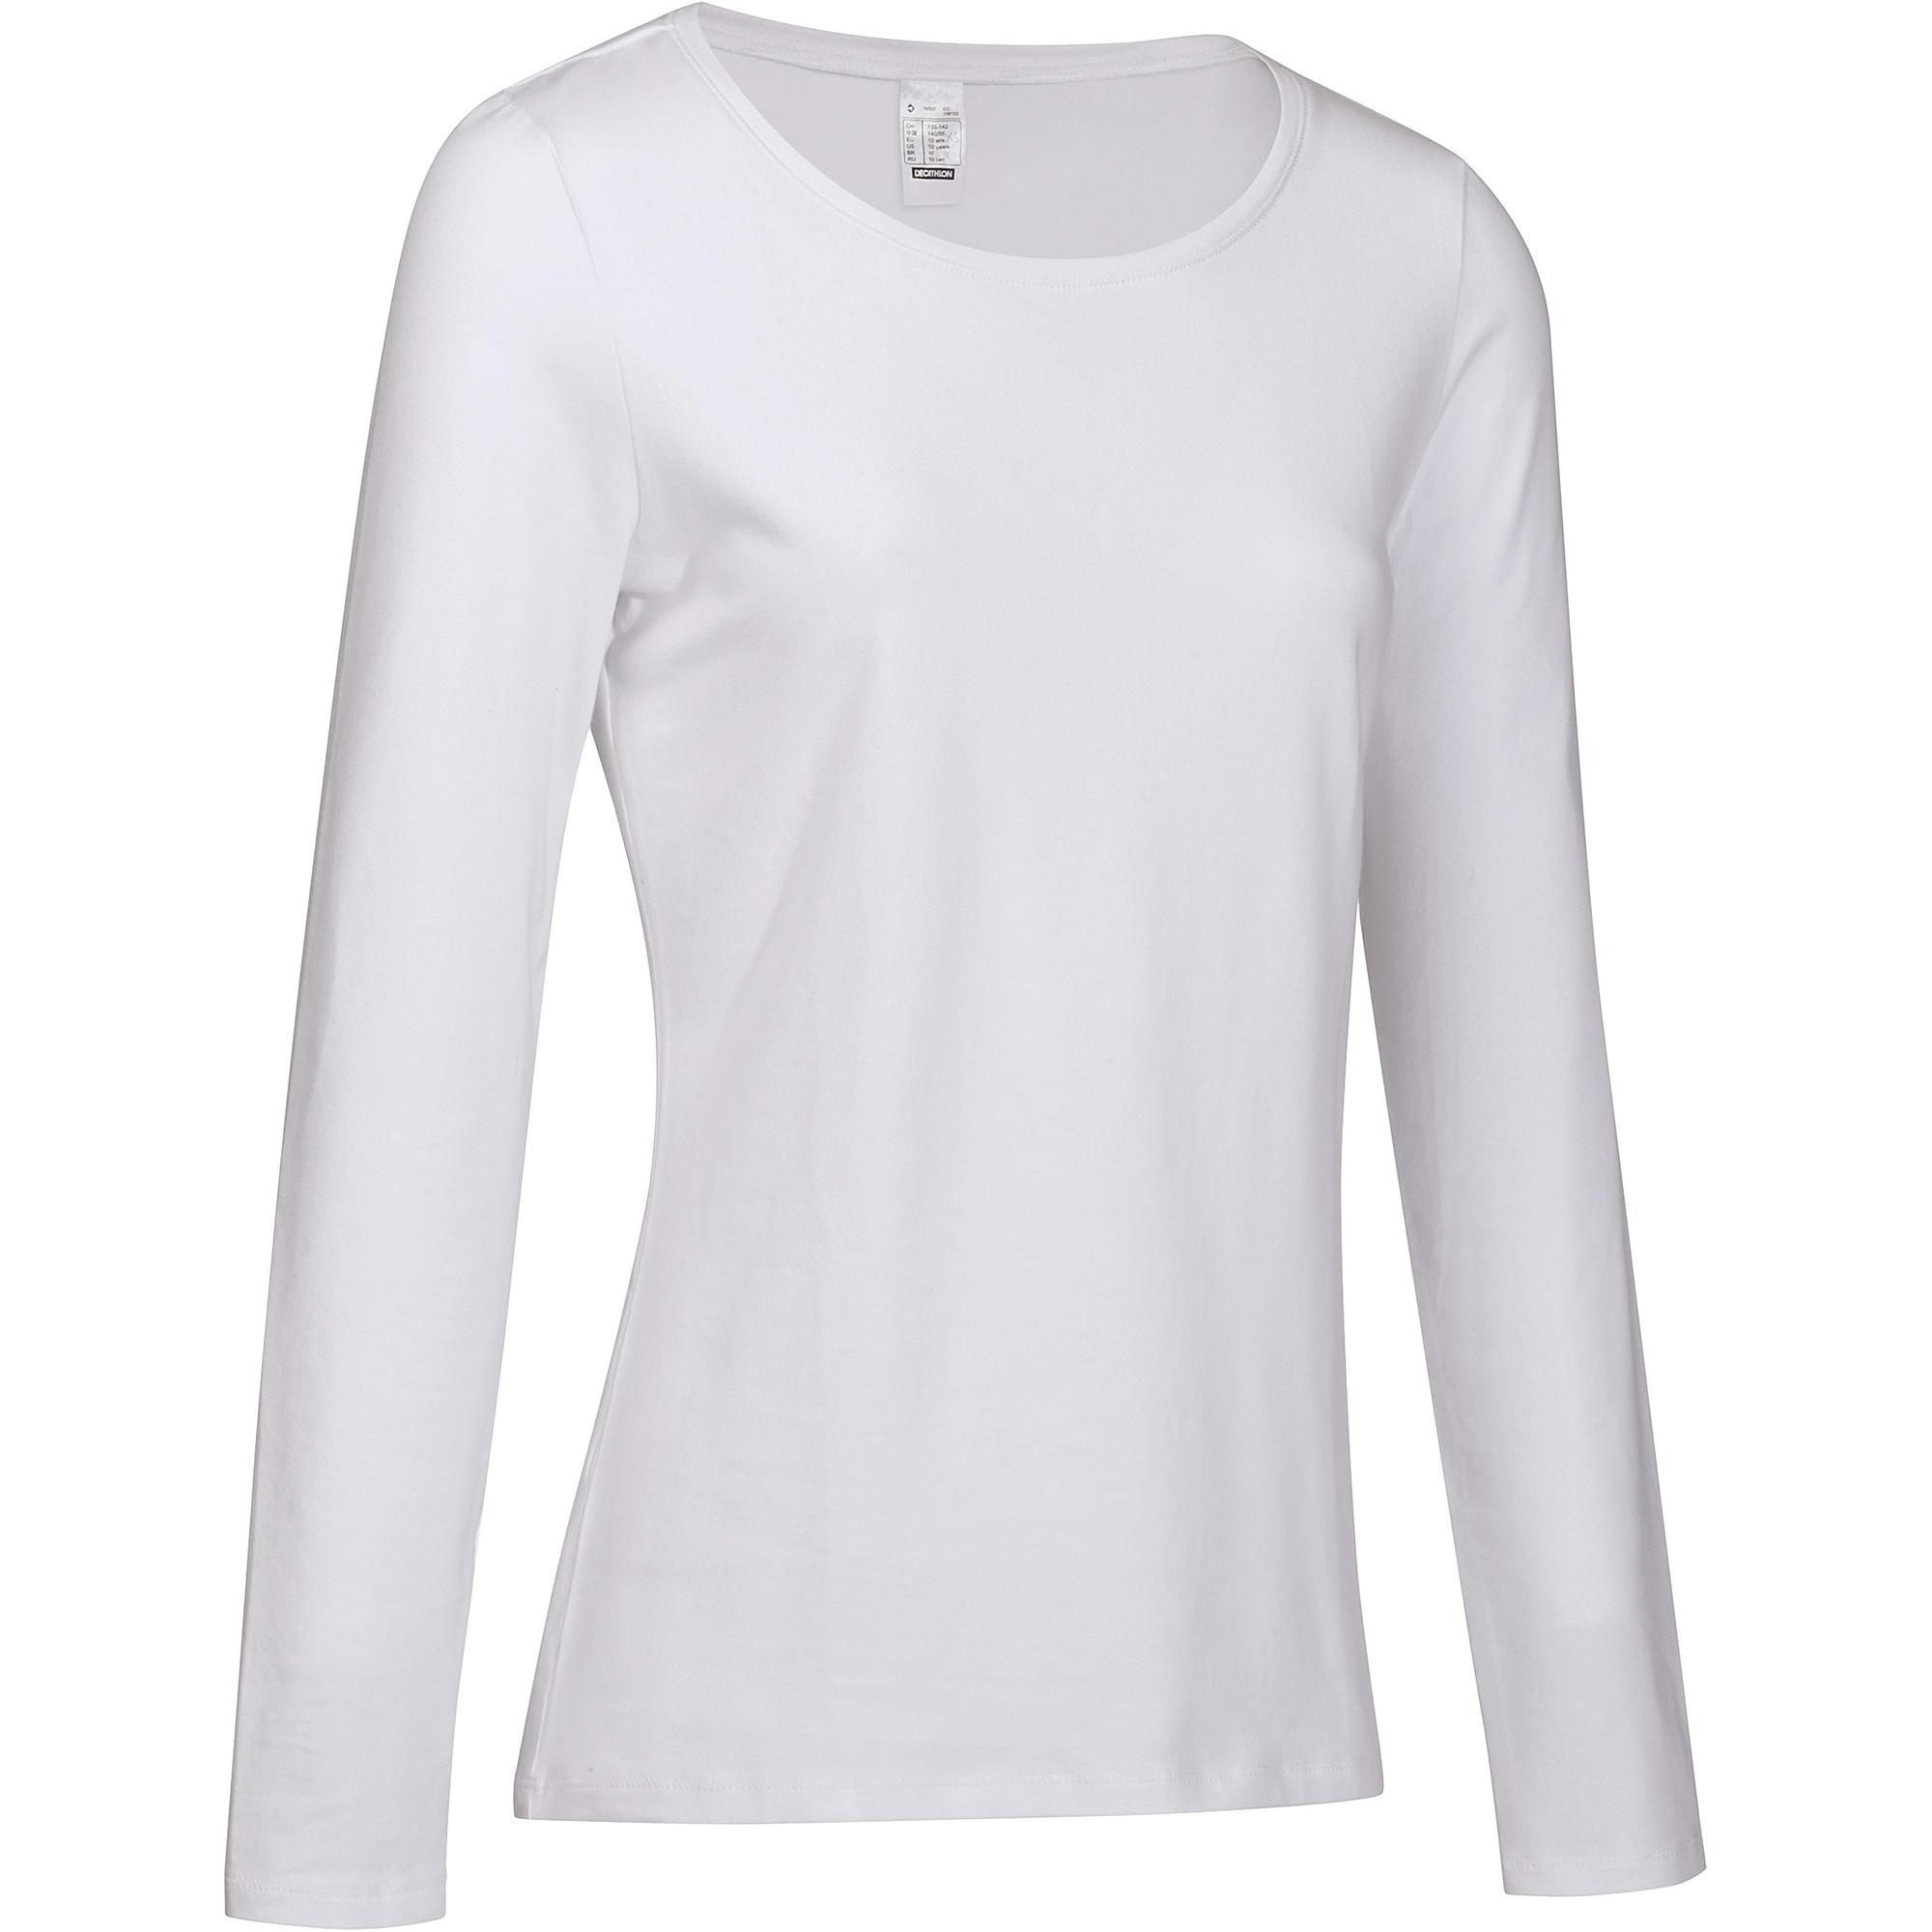 68d577eb437b4 T-shirt 100 manches longues Pilates Gym douce femme blanc